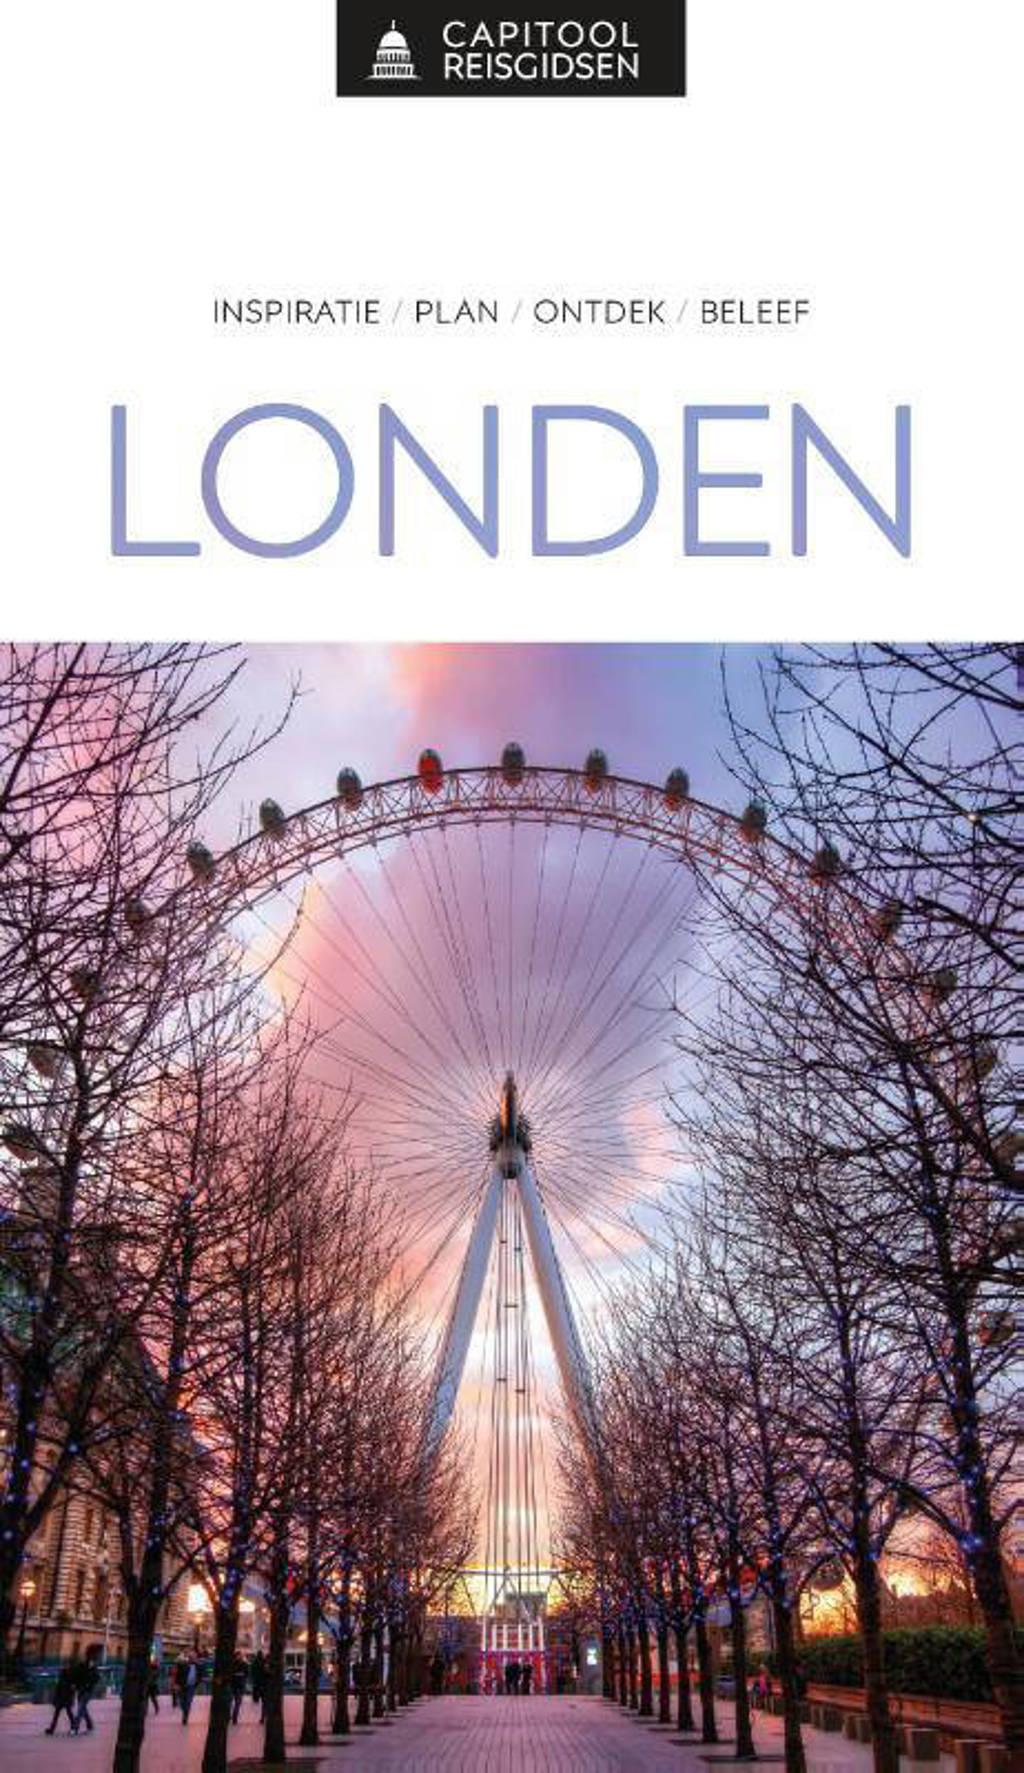 Capitool reisgidsen: Londen - Capitool